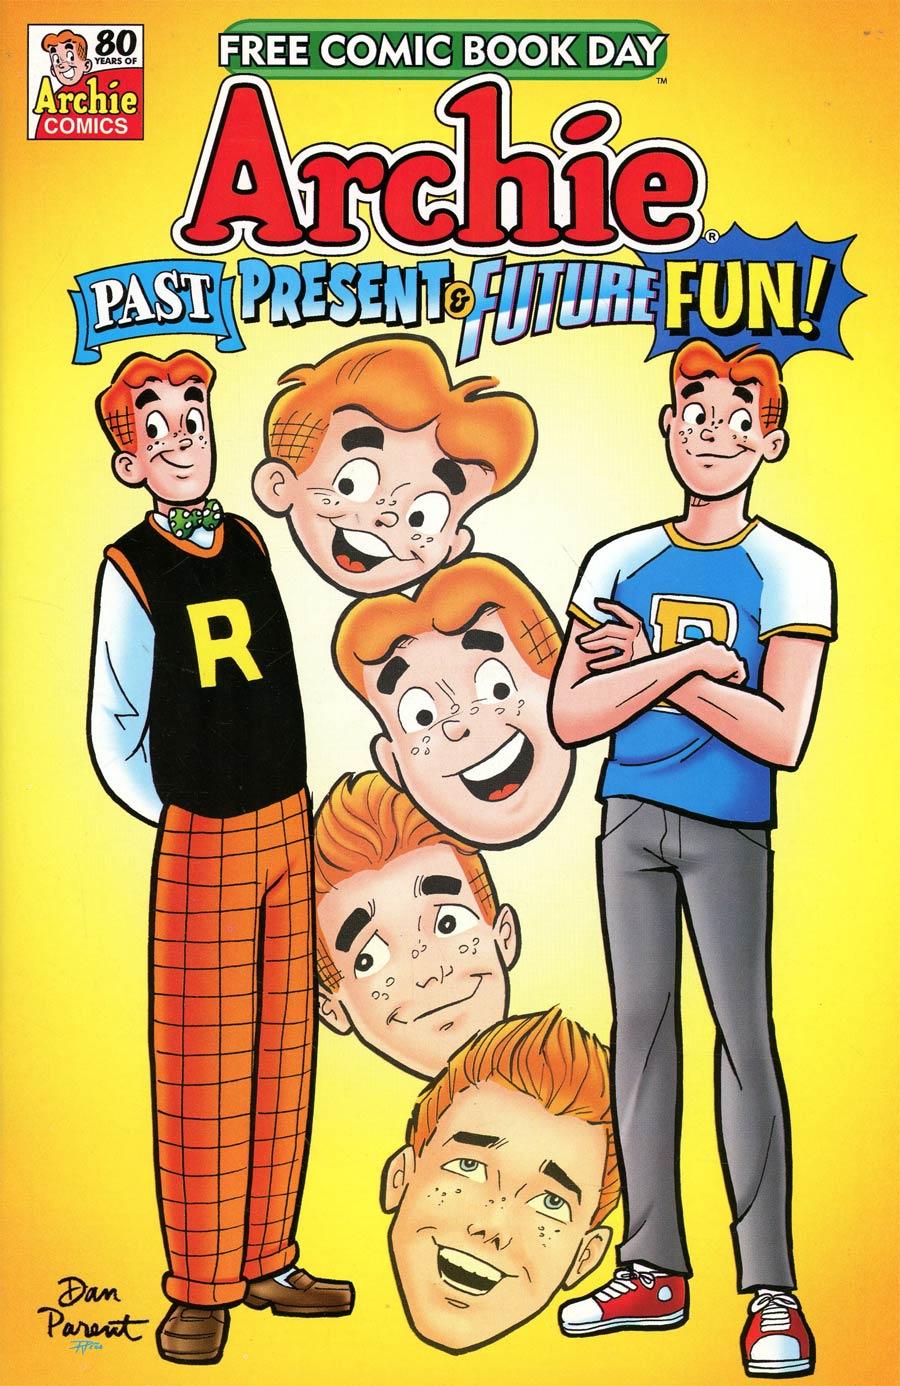 Archie Past Present & Future Fun FCBD 2021 Edition